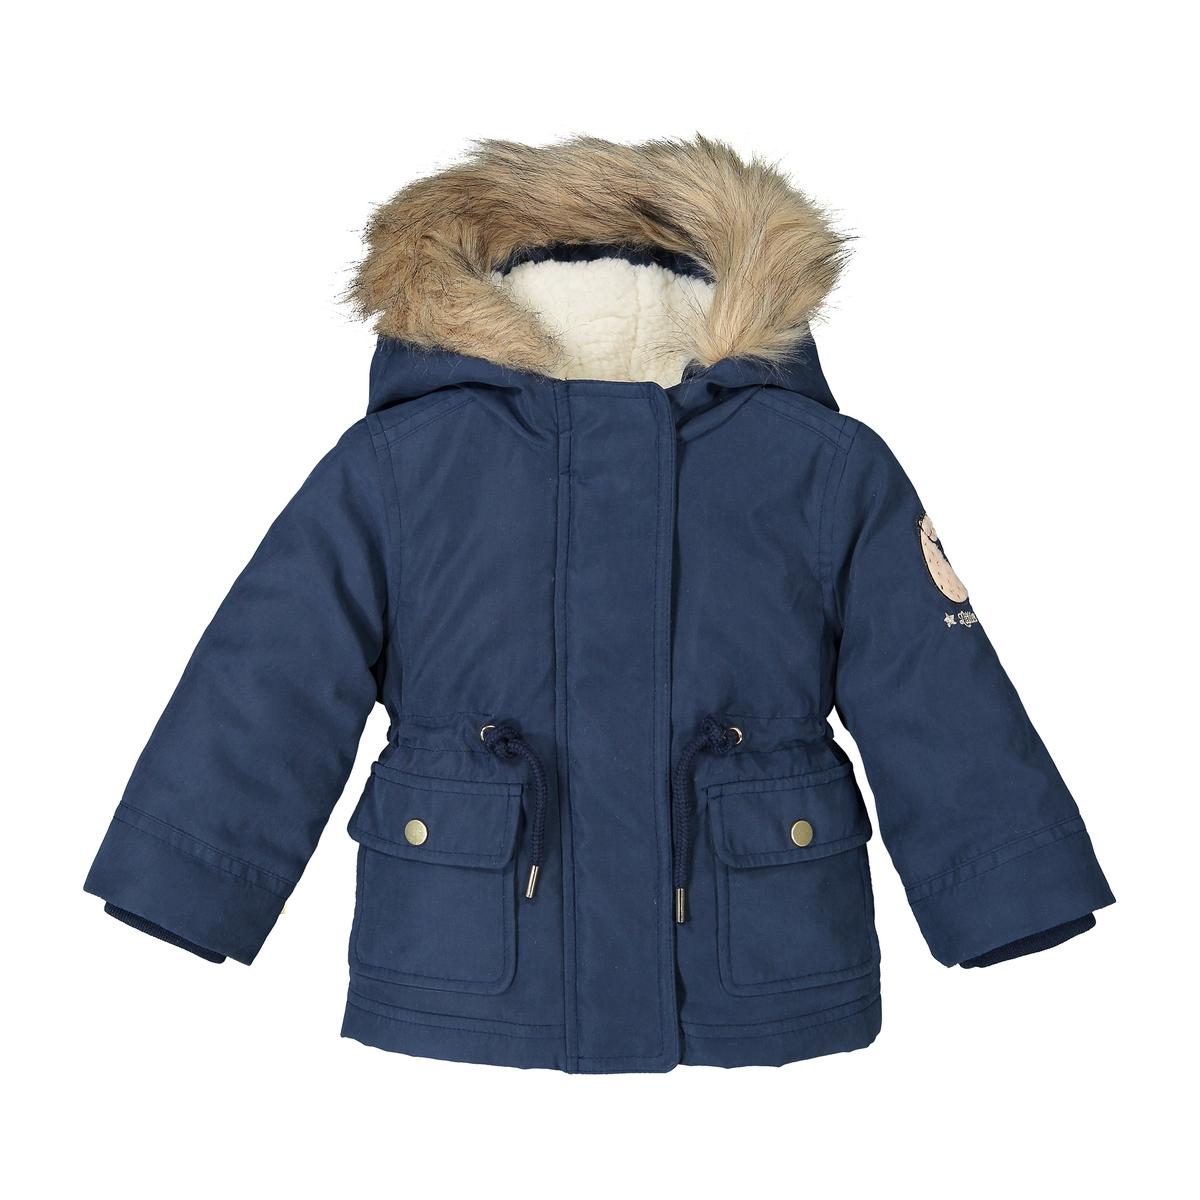 Парка La Redoute С капюшоном на теплой подкладке мес- года 3 мес. - 60 см синий куртка la redoute в горошек на подкладке из флиса мес года 1 мес 54 см синий